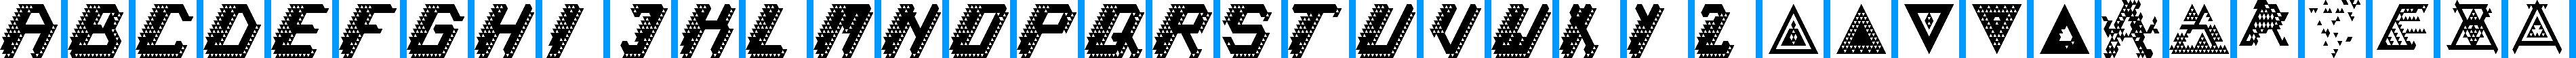 Particip-a-type v.218